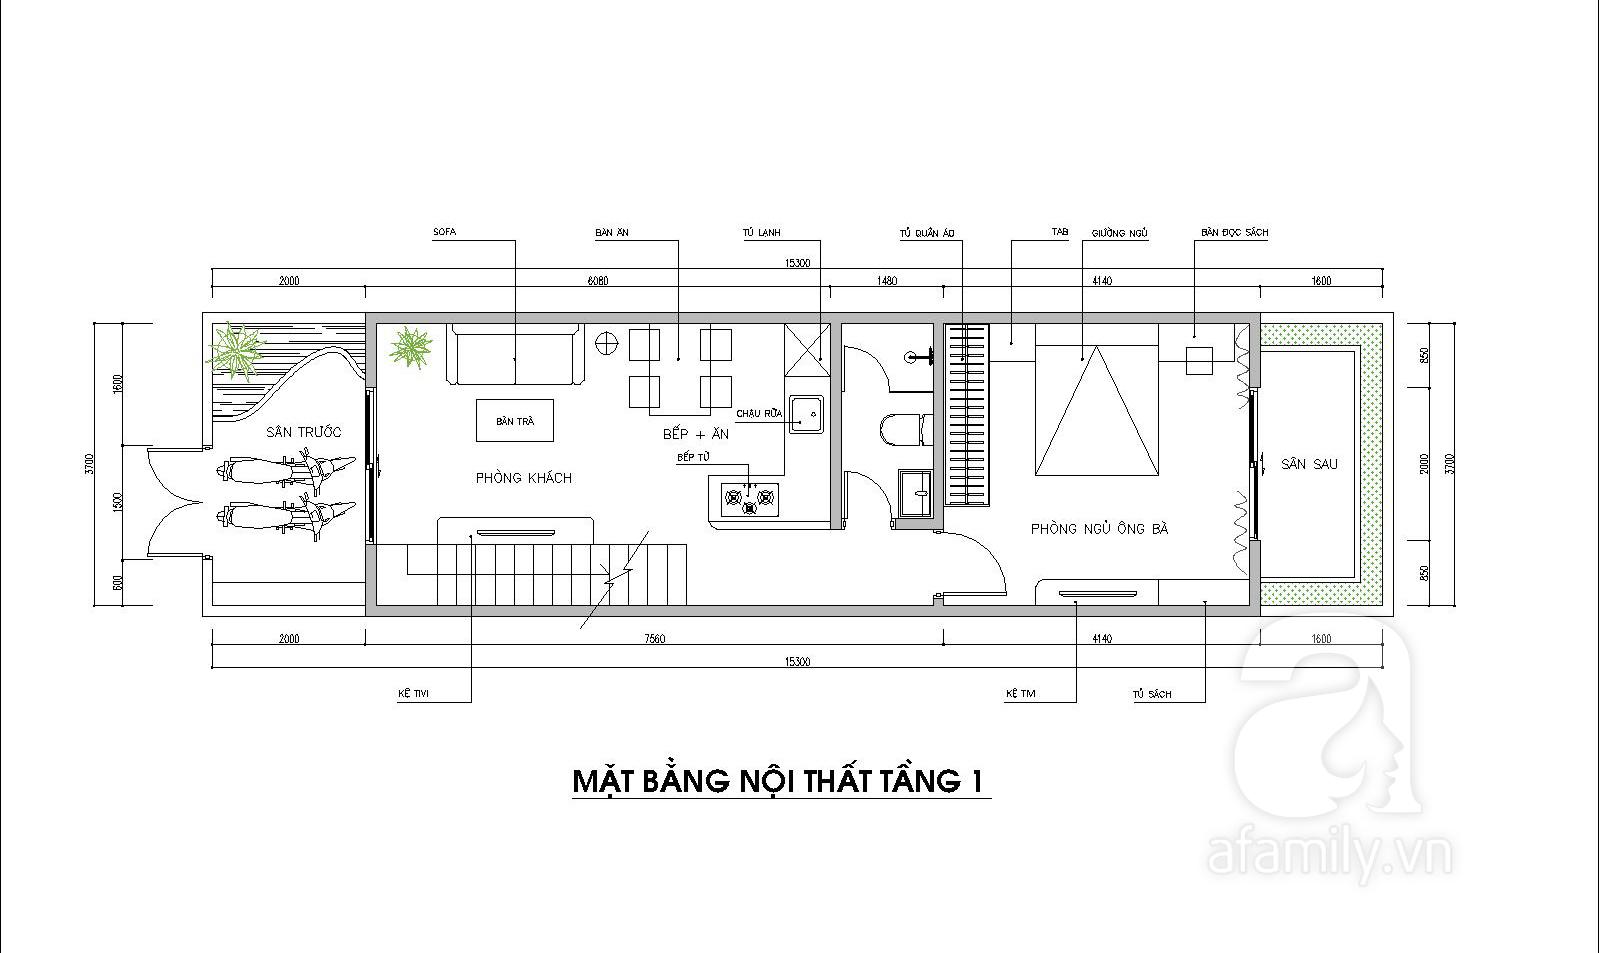 Tư vấn thiết kế căn nhà phố 2 tầng cho ông bà ở với chi phí 185 triệu đồng - Ảnh 2.